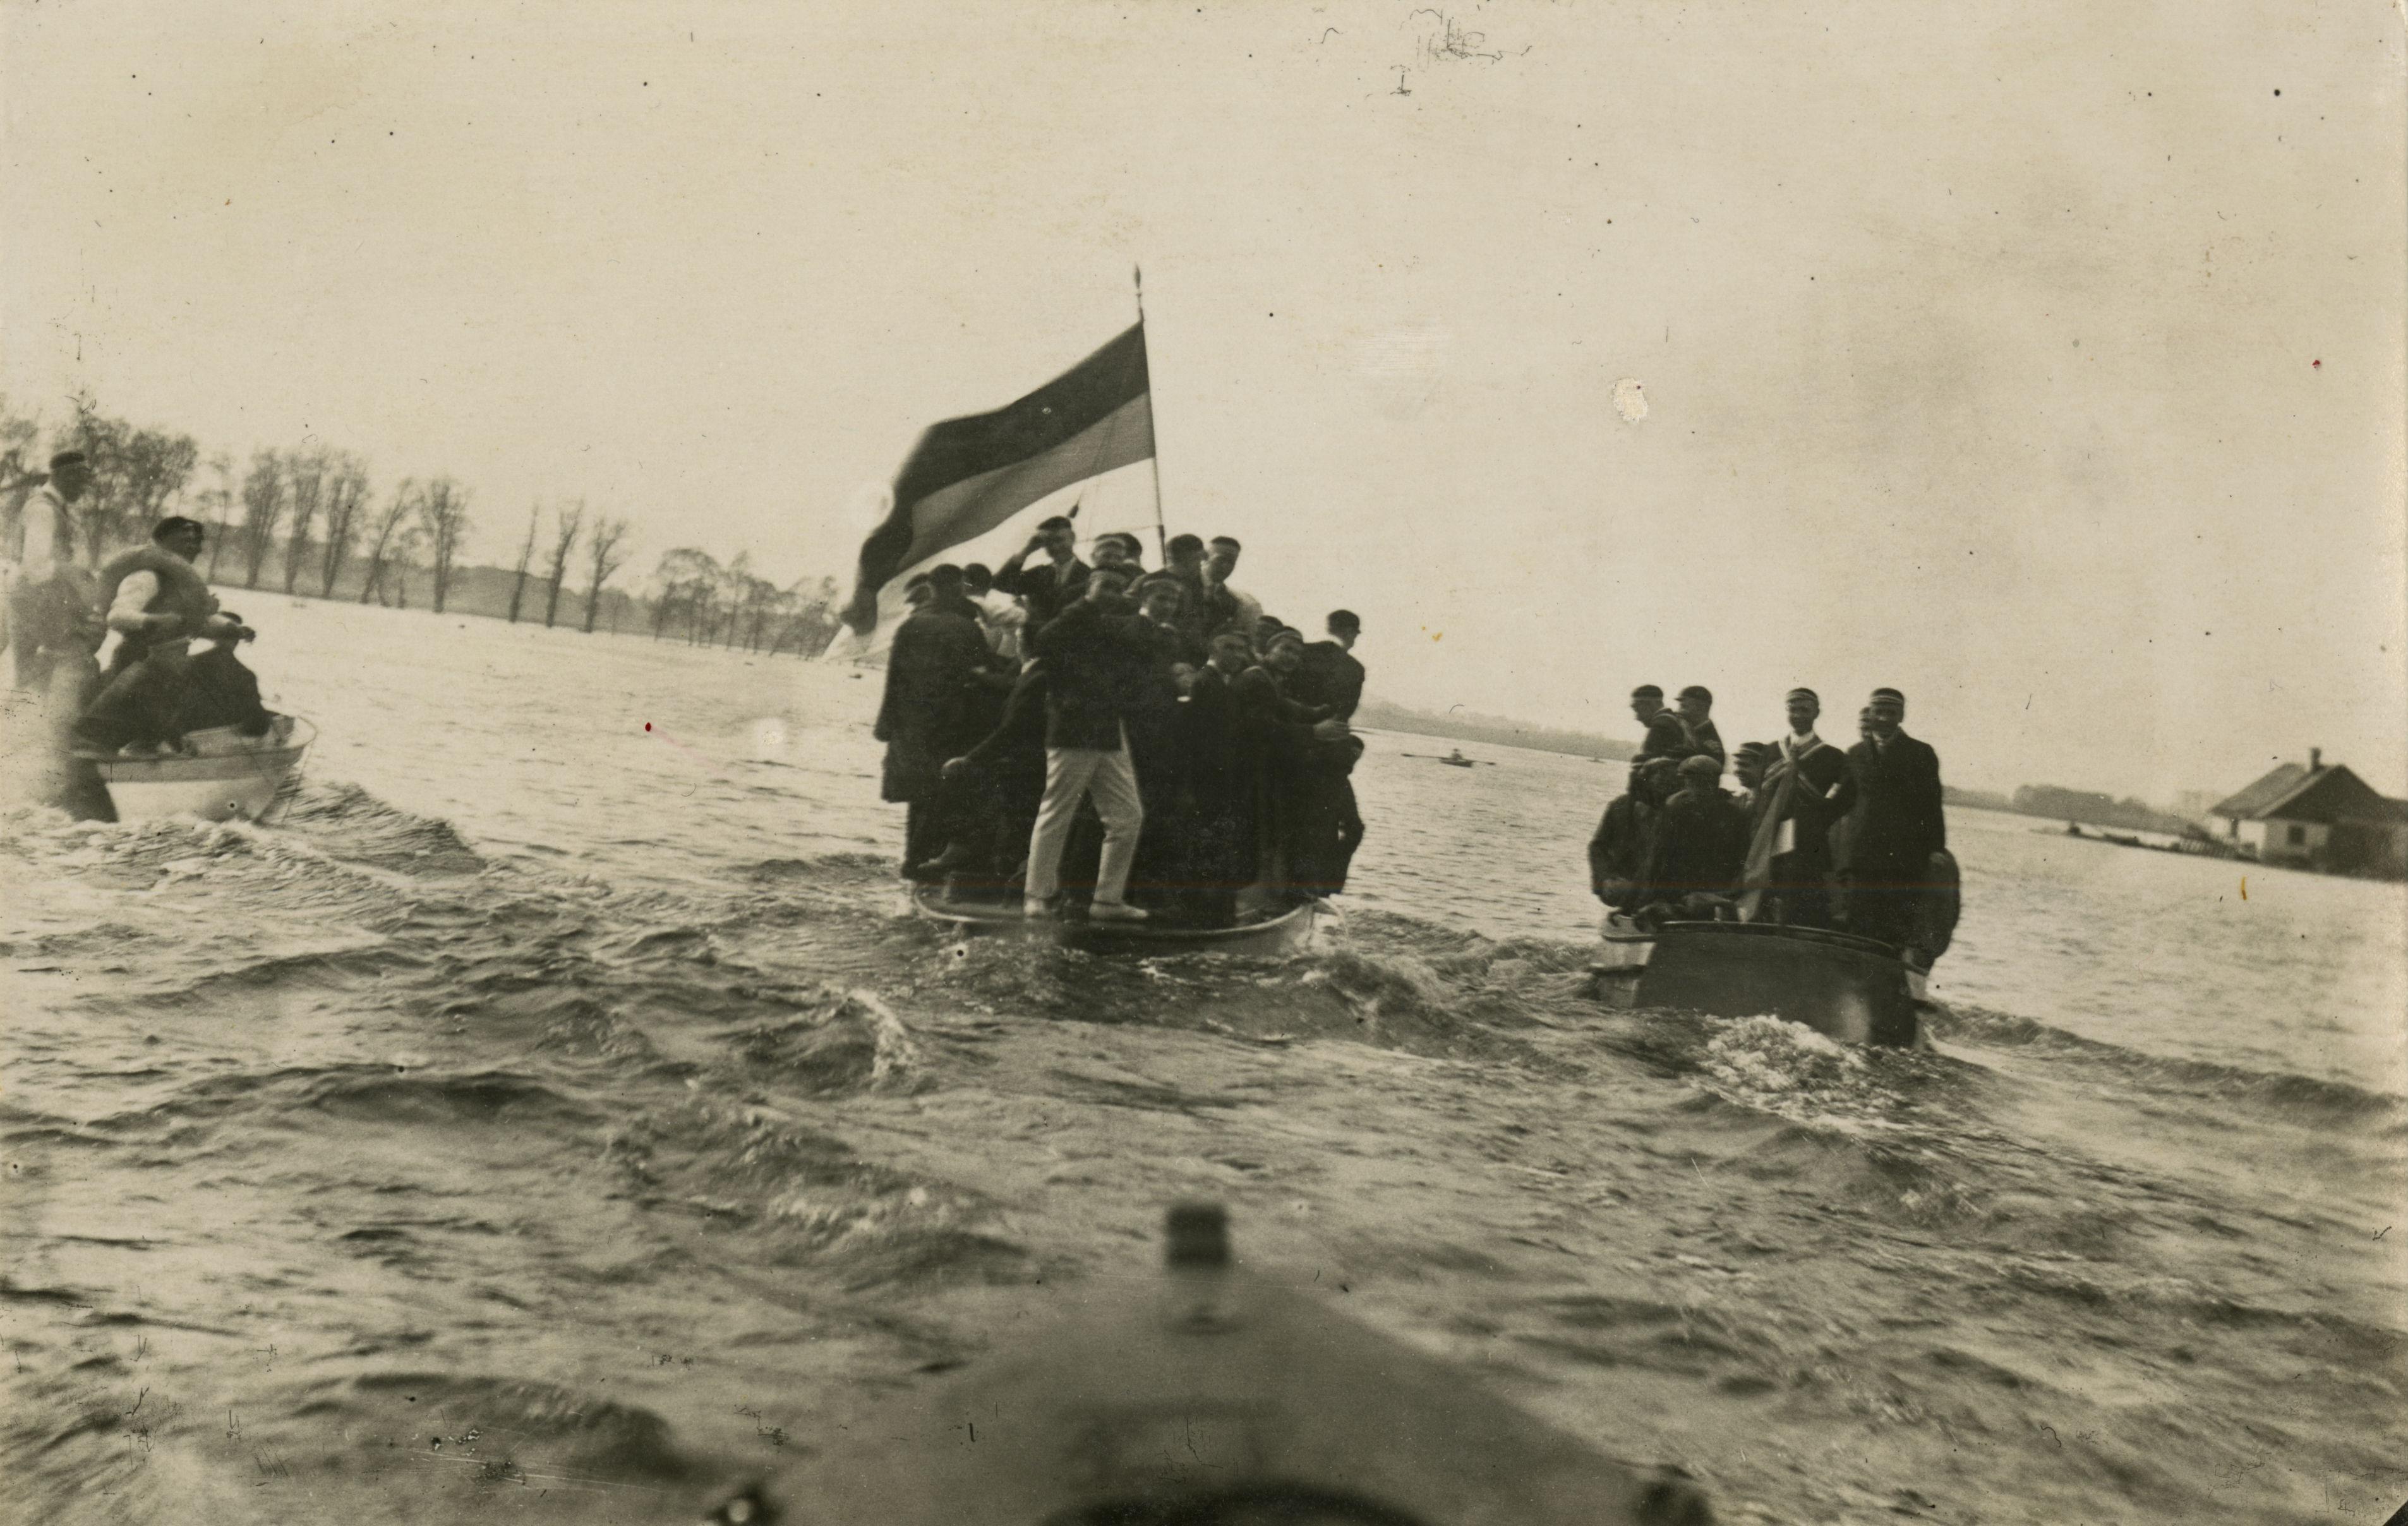 Ugala liikmed 1926. aasta kevadkommersi ajal Emajõel. Foto: korp! Ugala arhiiv